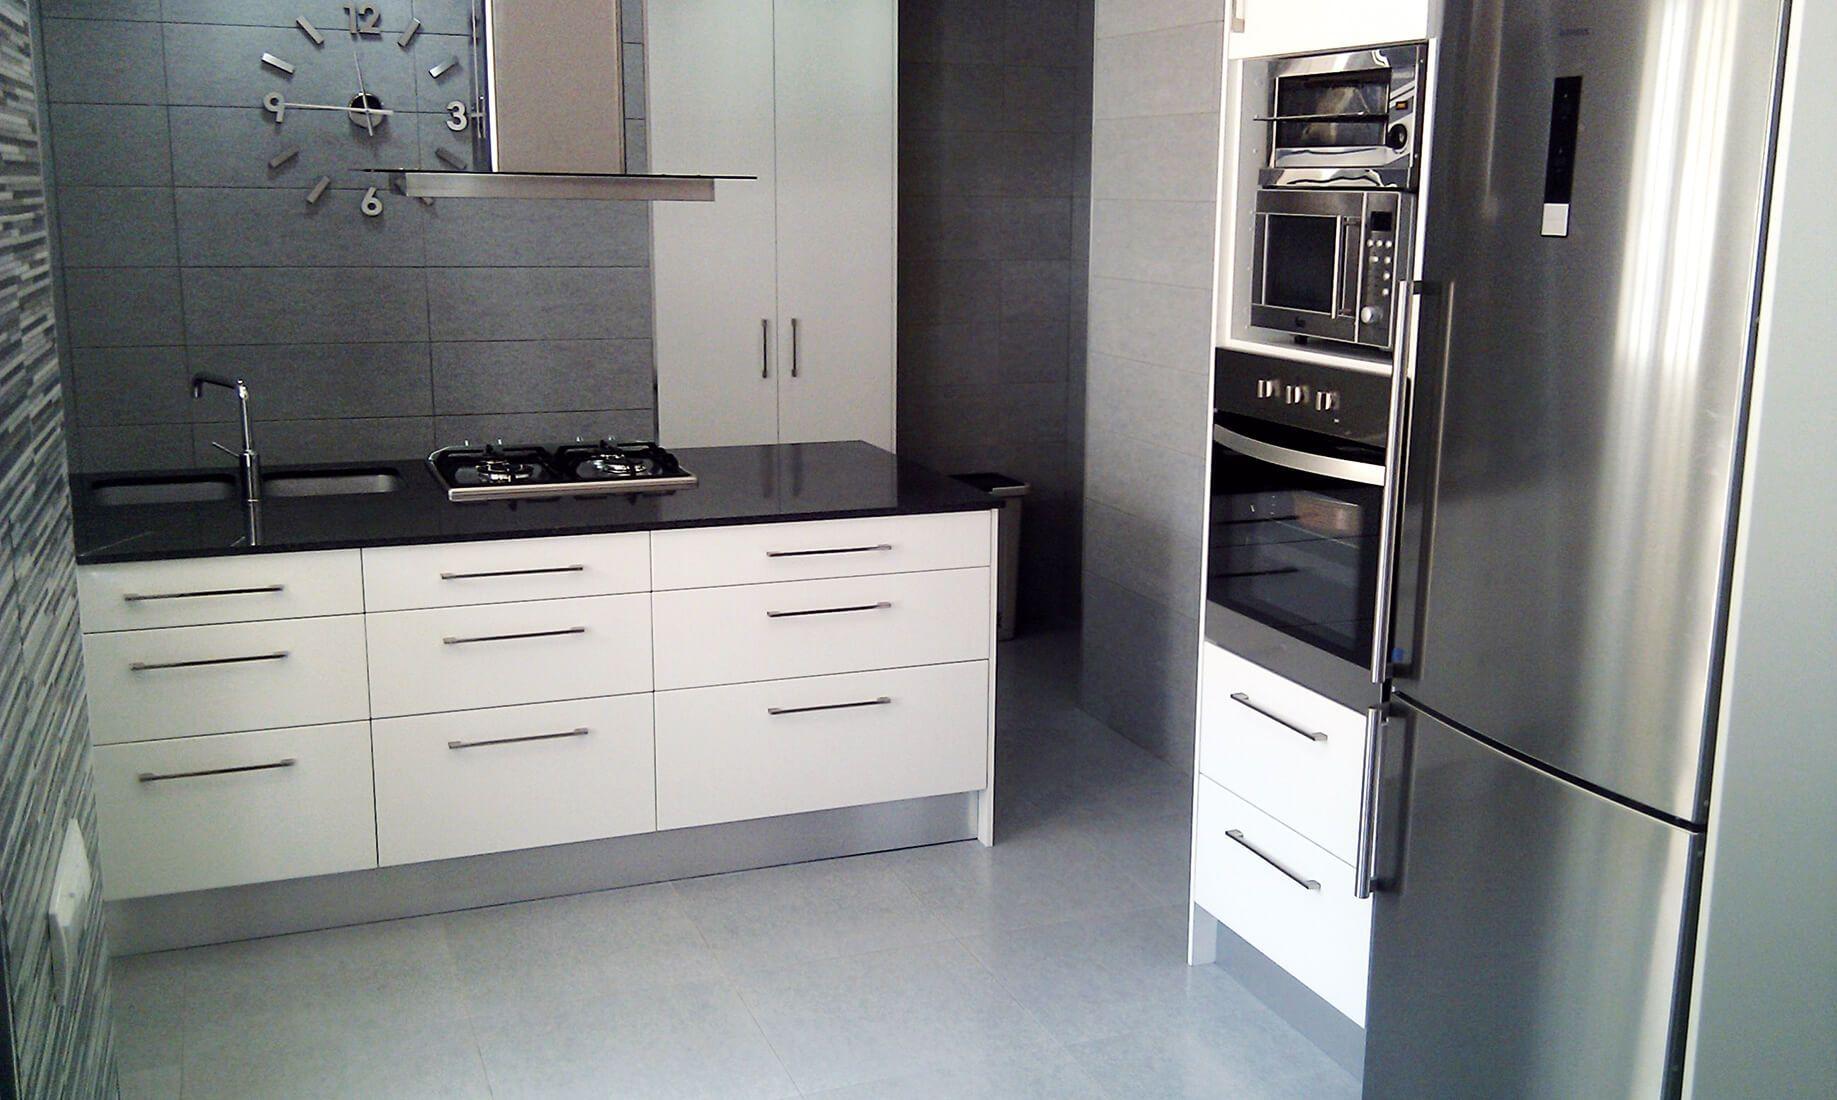 Cocina mueble blanco encimera negra granito home for Cocina blanca encimera granito negra